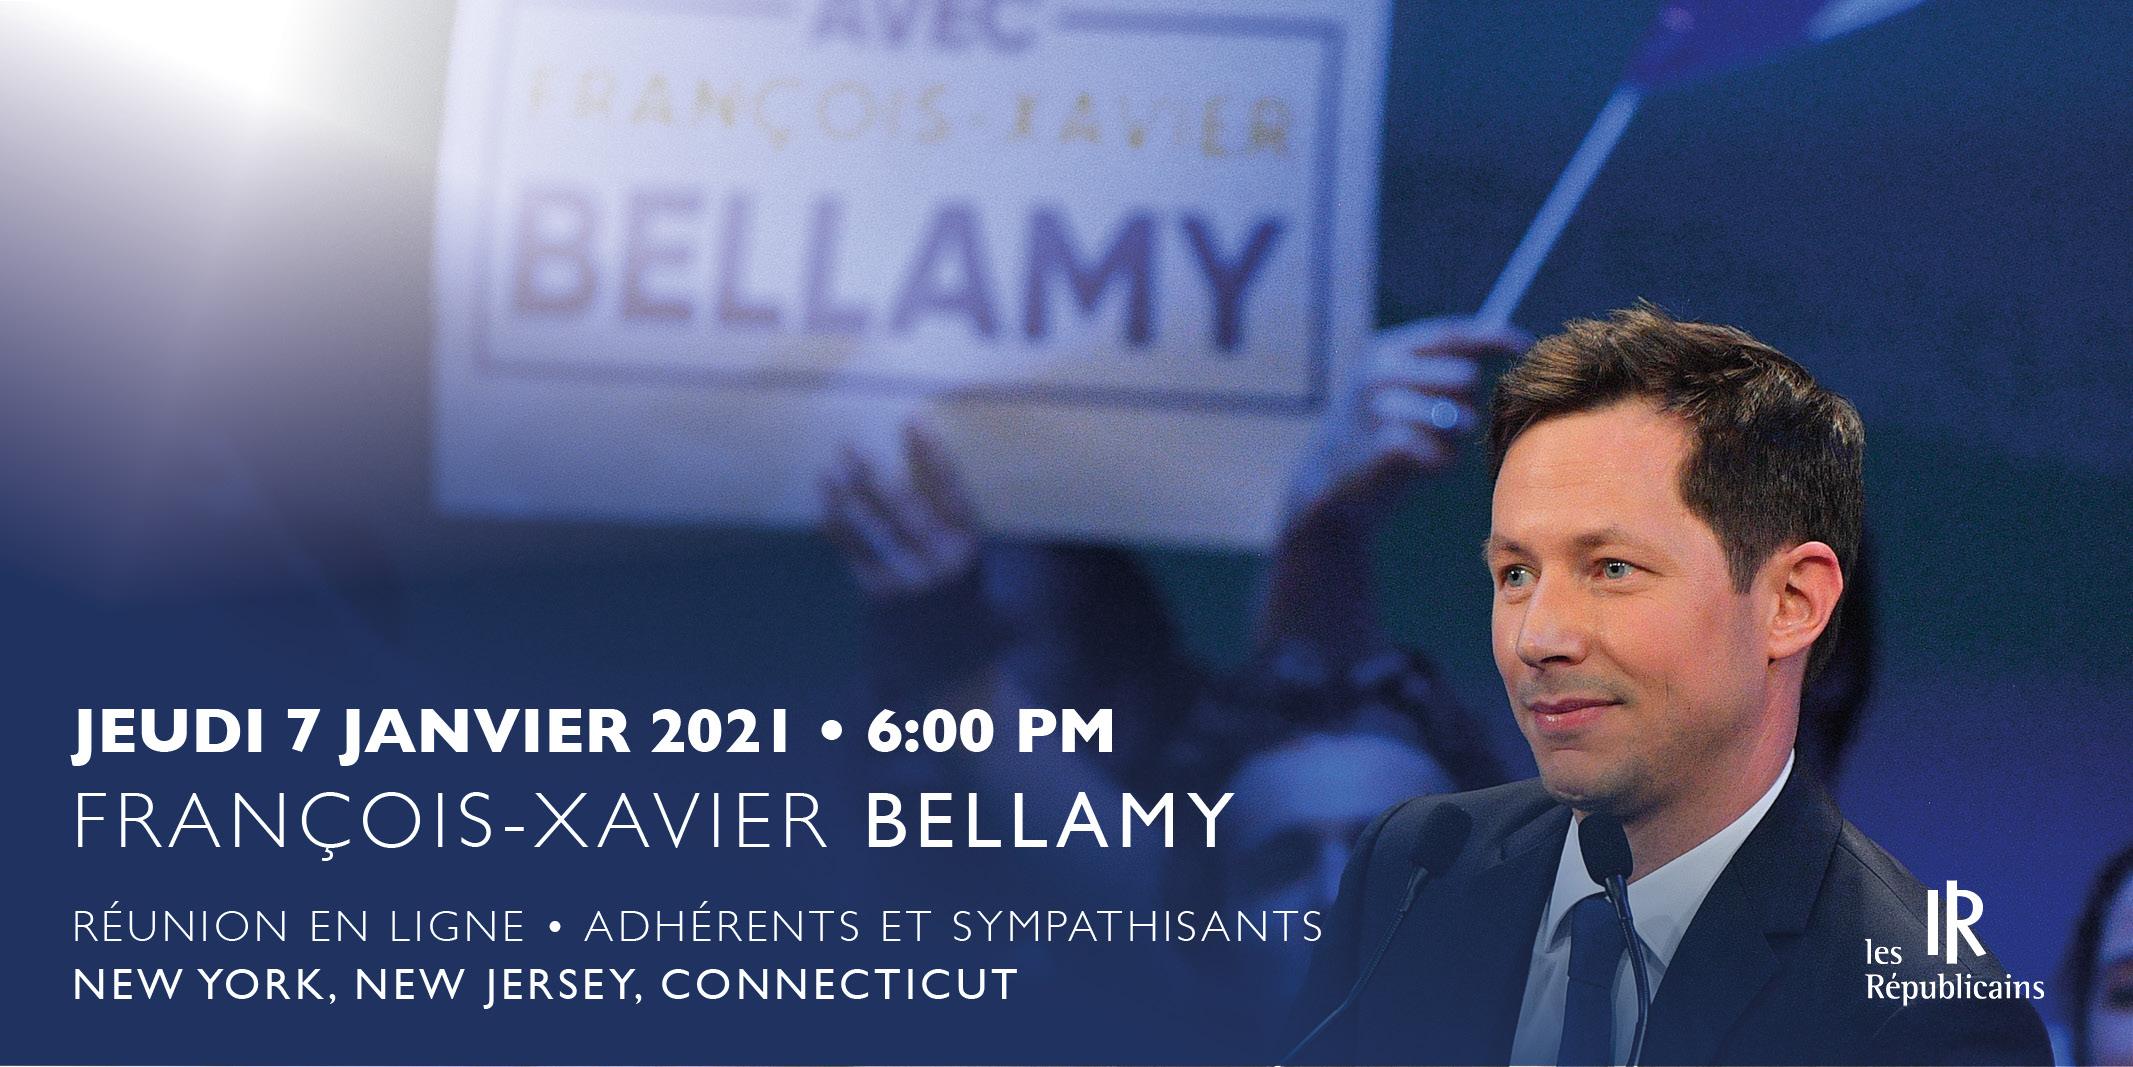 Visioconférence Français des Etats-Unis avec François-Xavier Bellamy